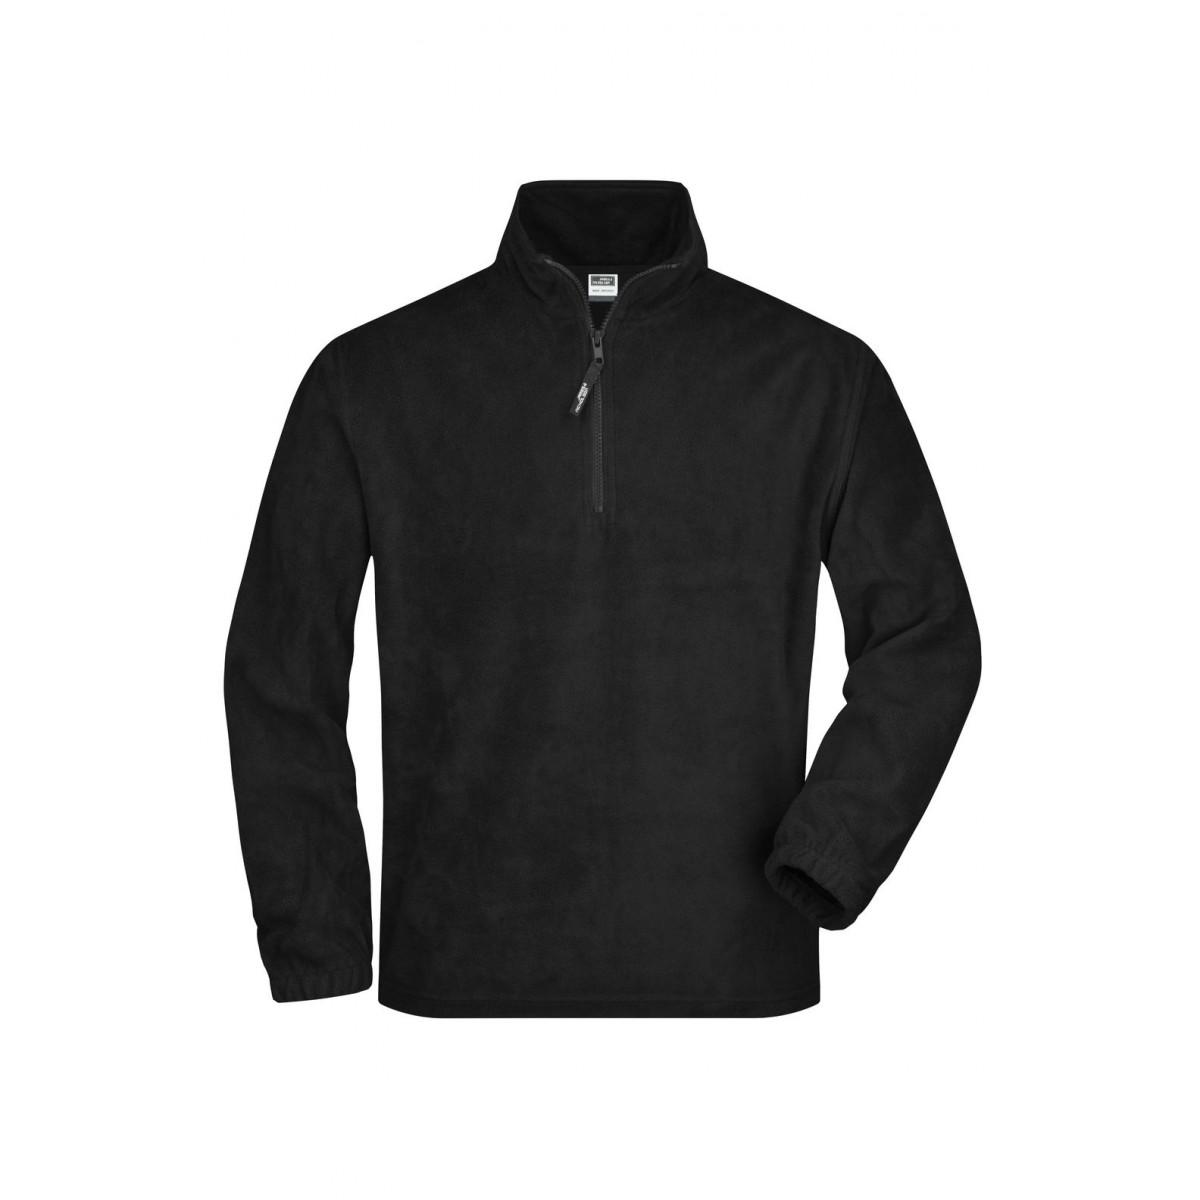 Толстовка мужская JN043 Half-Zip Fleece - Черный